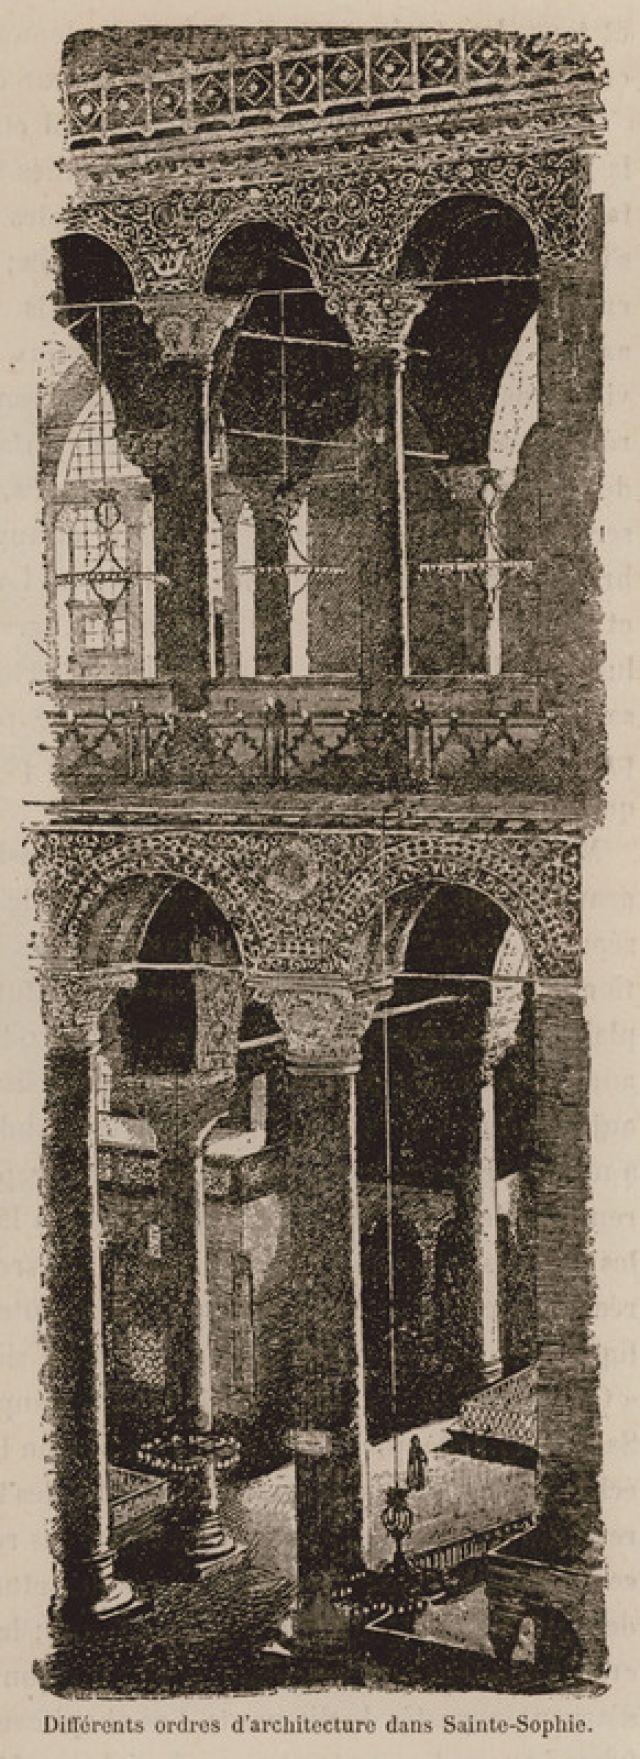 Διαφορετικοί αρχιτεκτονικοί ρυθμοί στην Αγία Σοφία. - DE AMICIS, Edmondo - ME TO BΛΕΜΜΑ ΤΩΝ ΠΕΡΙΗΓΗΤΩΝ - Τόποι - Μνημεία - Άνθρωποι - Νοτιοανατολική Ευρώπη - Ανατολική Μεσόγειος - Ελλάδα - Μικρά Ασία - Νότιος Ιταλία, 15ος - 20ός αιώνας